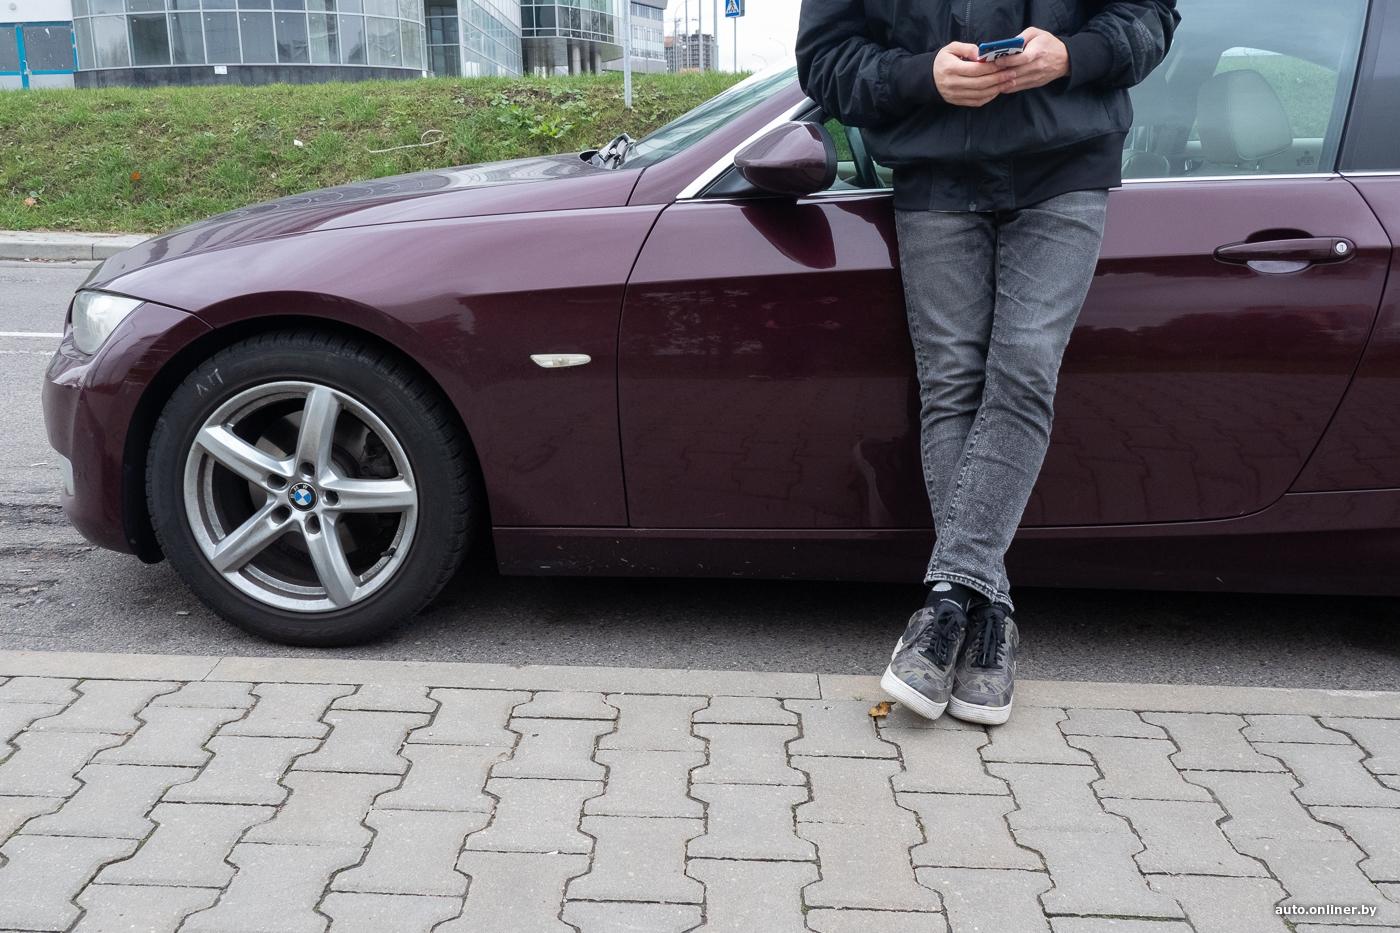 Залог авто в банке форум автосалон на дубнинской в москве